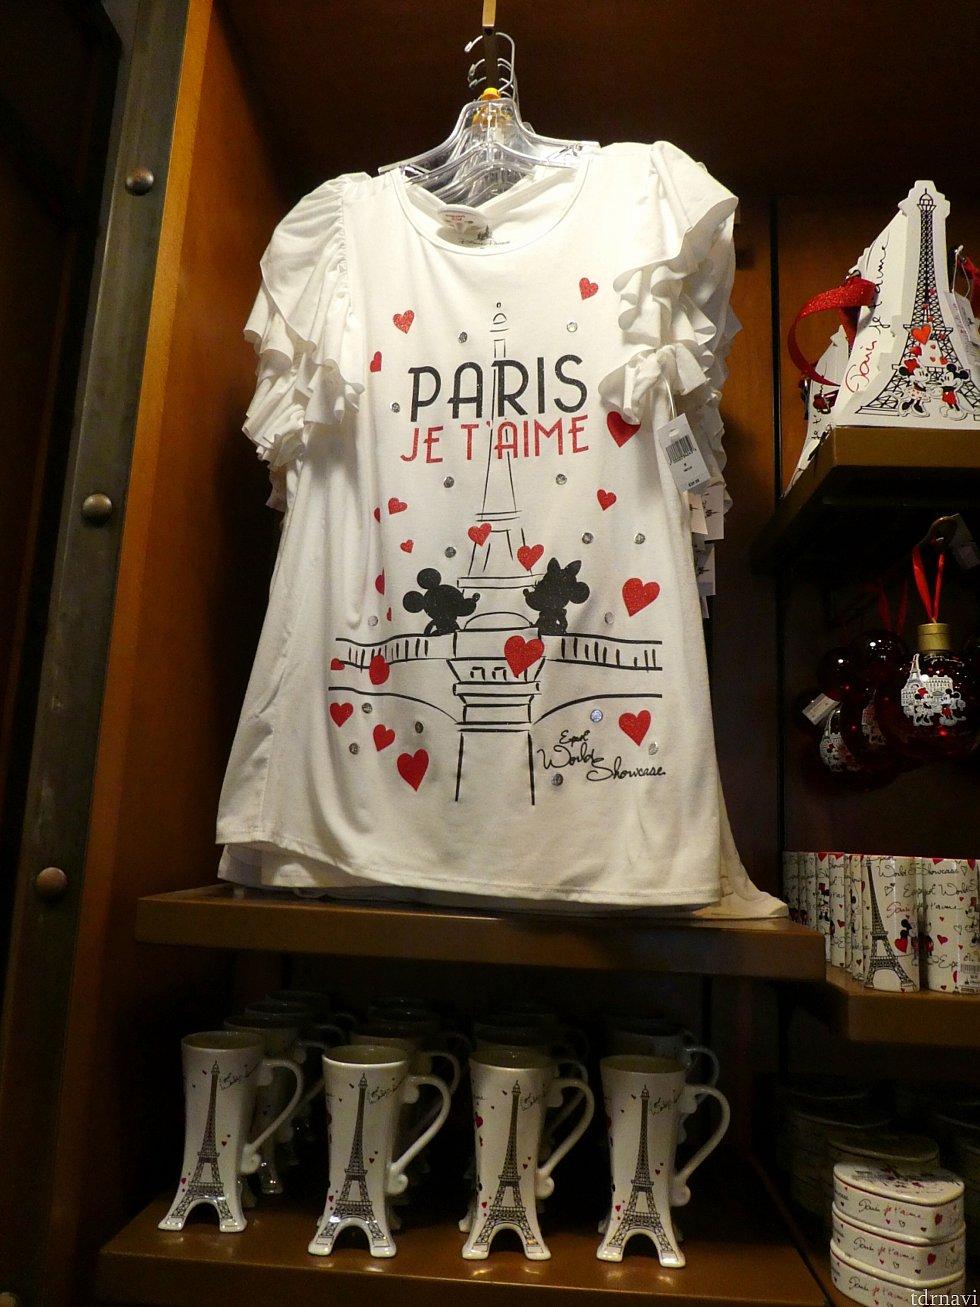 パリでデートするミッキーとミニーグッズはデザインもかわいくて素敵なものが多かったです。